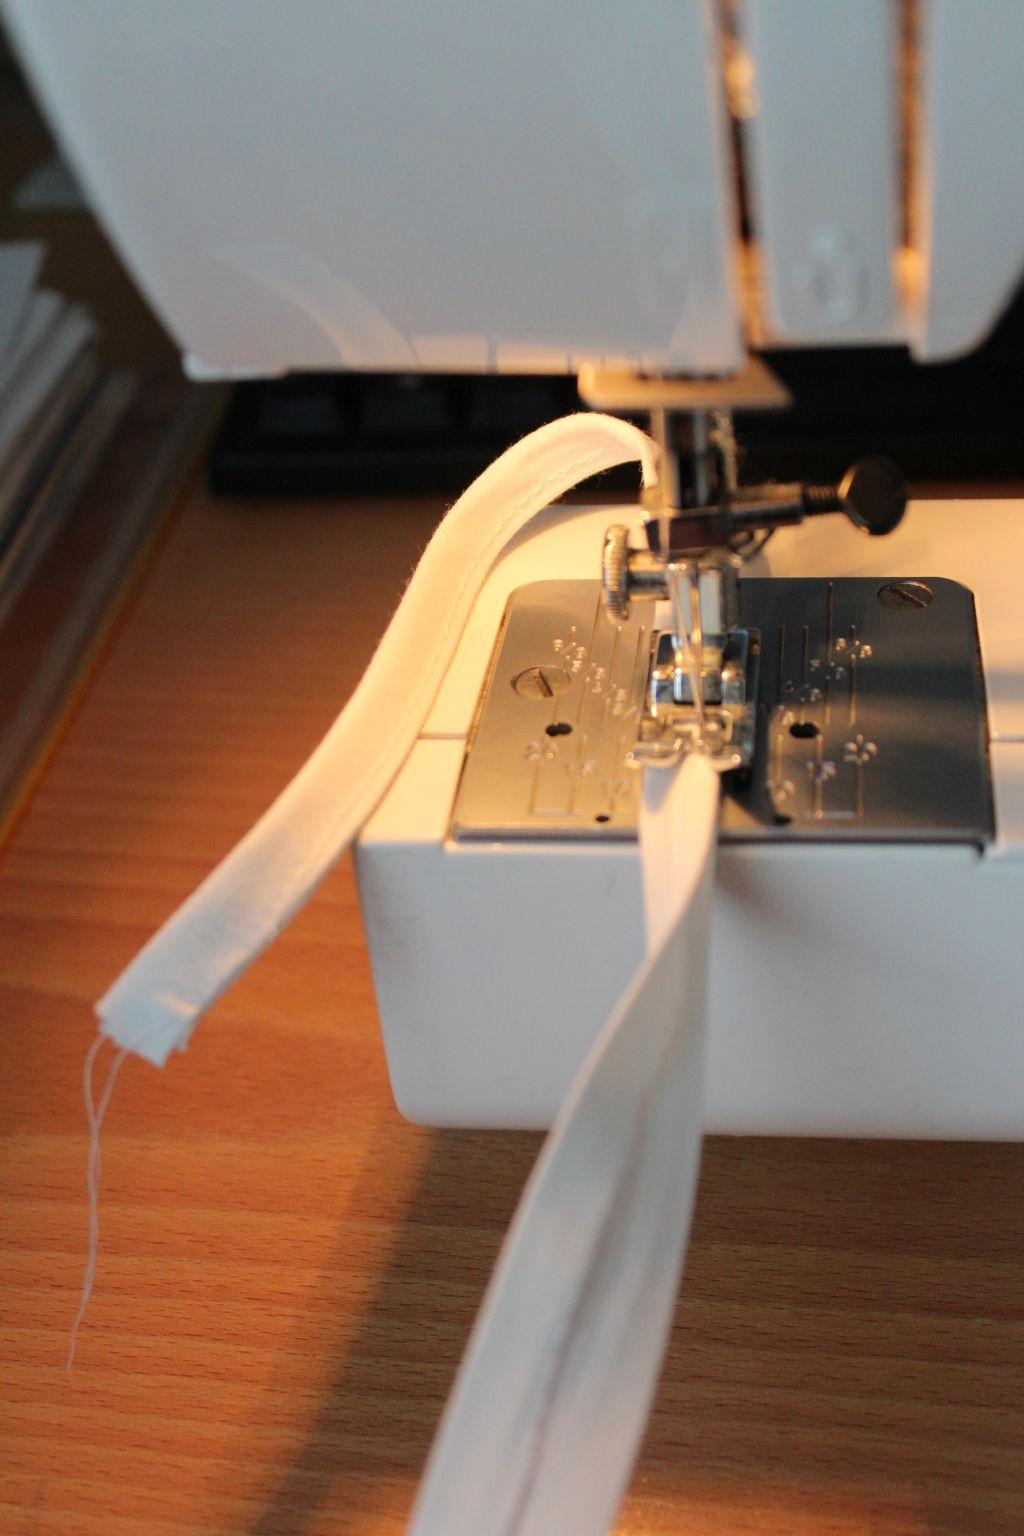 Sew tape flat